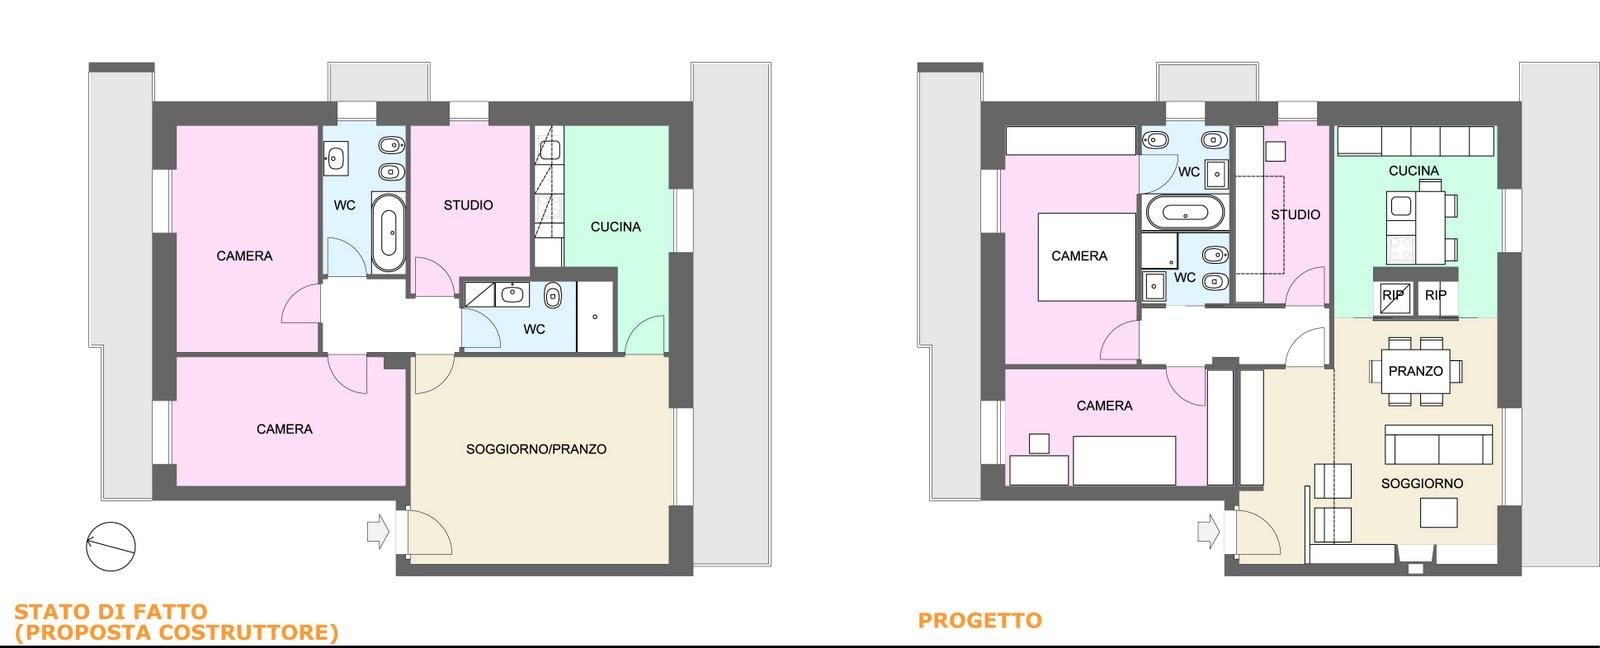 Progetto Appartamento 85 Mq appunti di architettura: progettati da gk-architetti